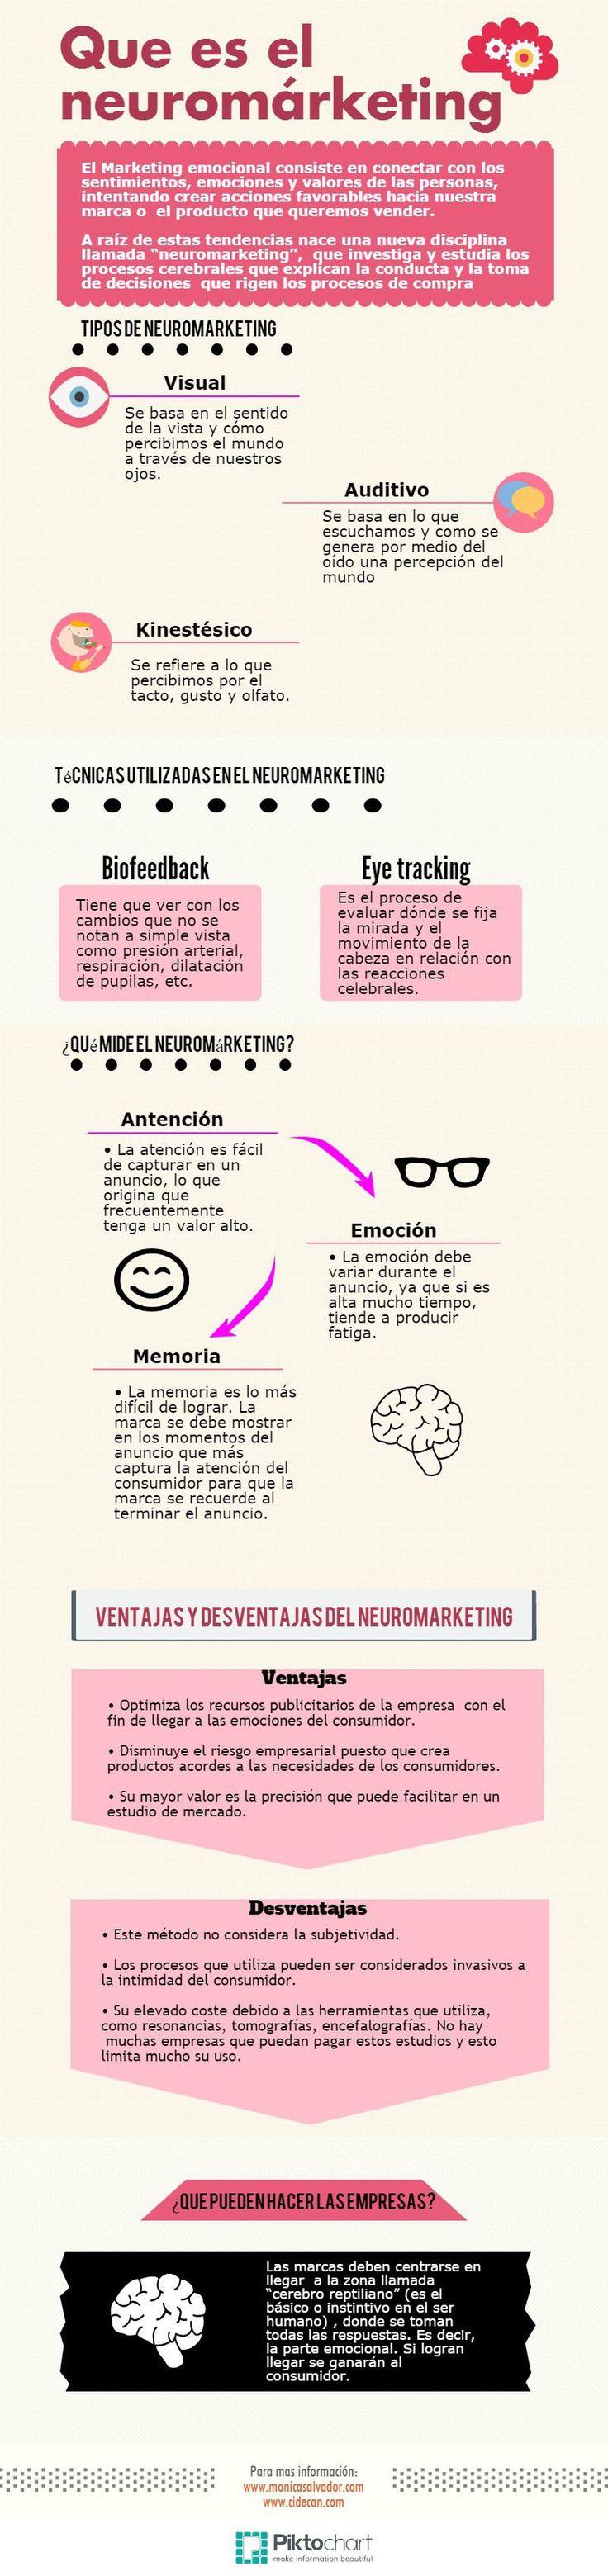 Cómo utilizar el #neuromarketing | www.neuromarketingytecnologia.com/blog Leia os nossos artigos sobre Marketing Digital no Blog Estratégia Digital em http://www.estrategiadigital.pt/category/marketing-digital/